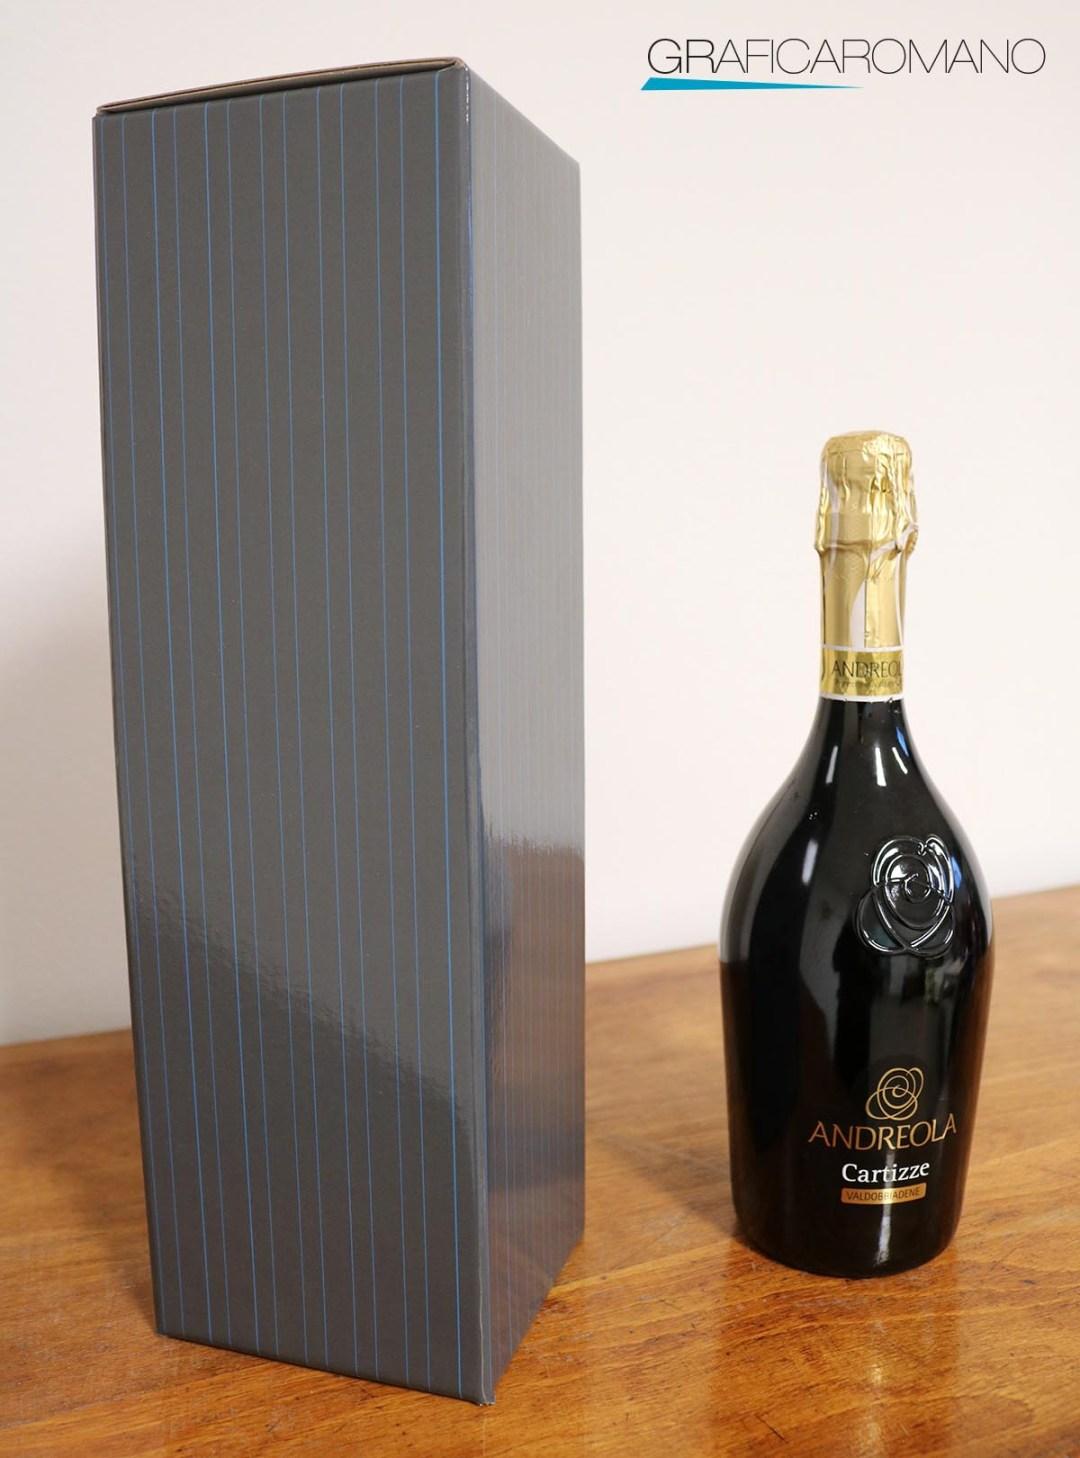 scatole-vino-cartone-grafica-romano-06